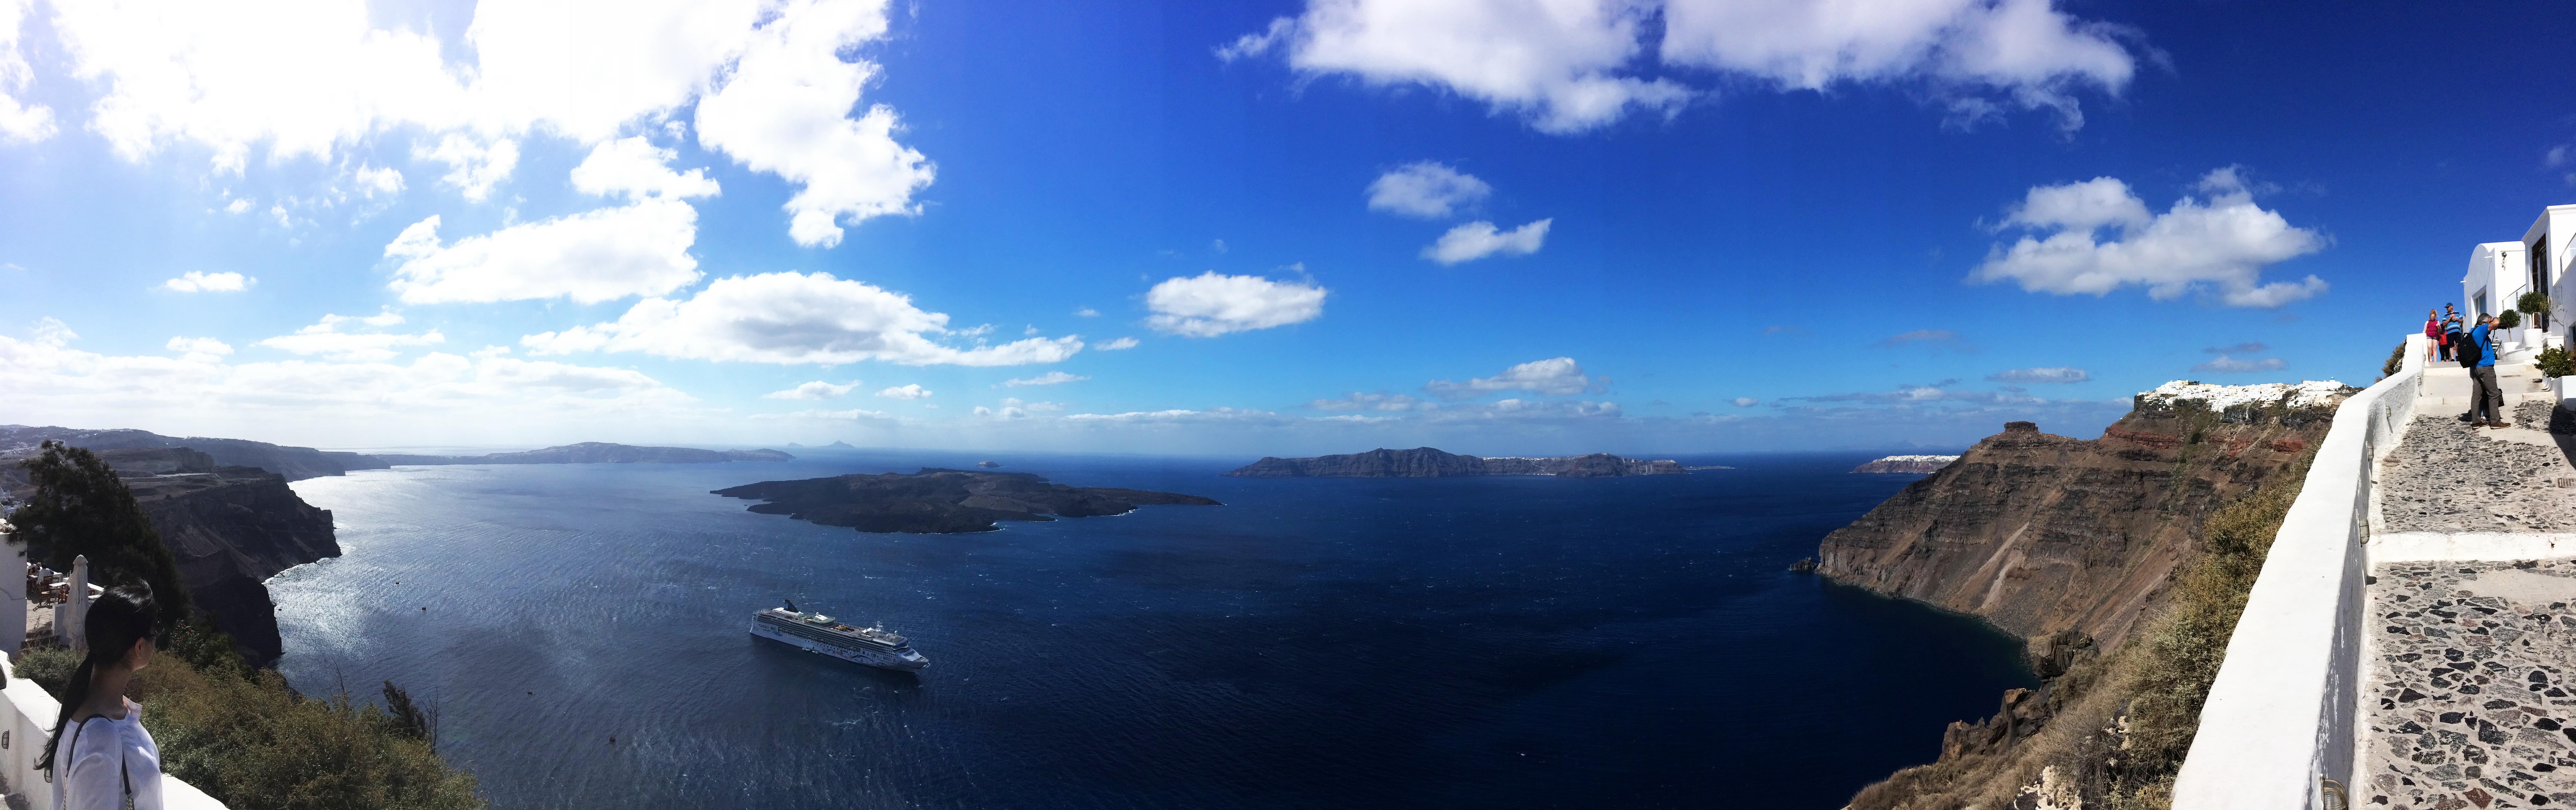 nave nave da crociera Santorini Grecia isole del mare panorama paesaggio